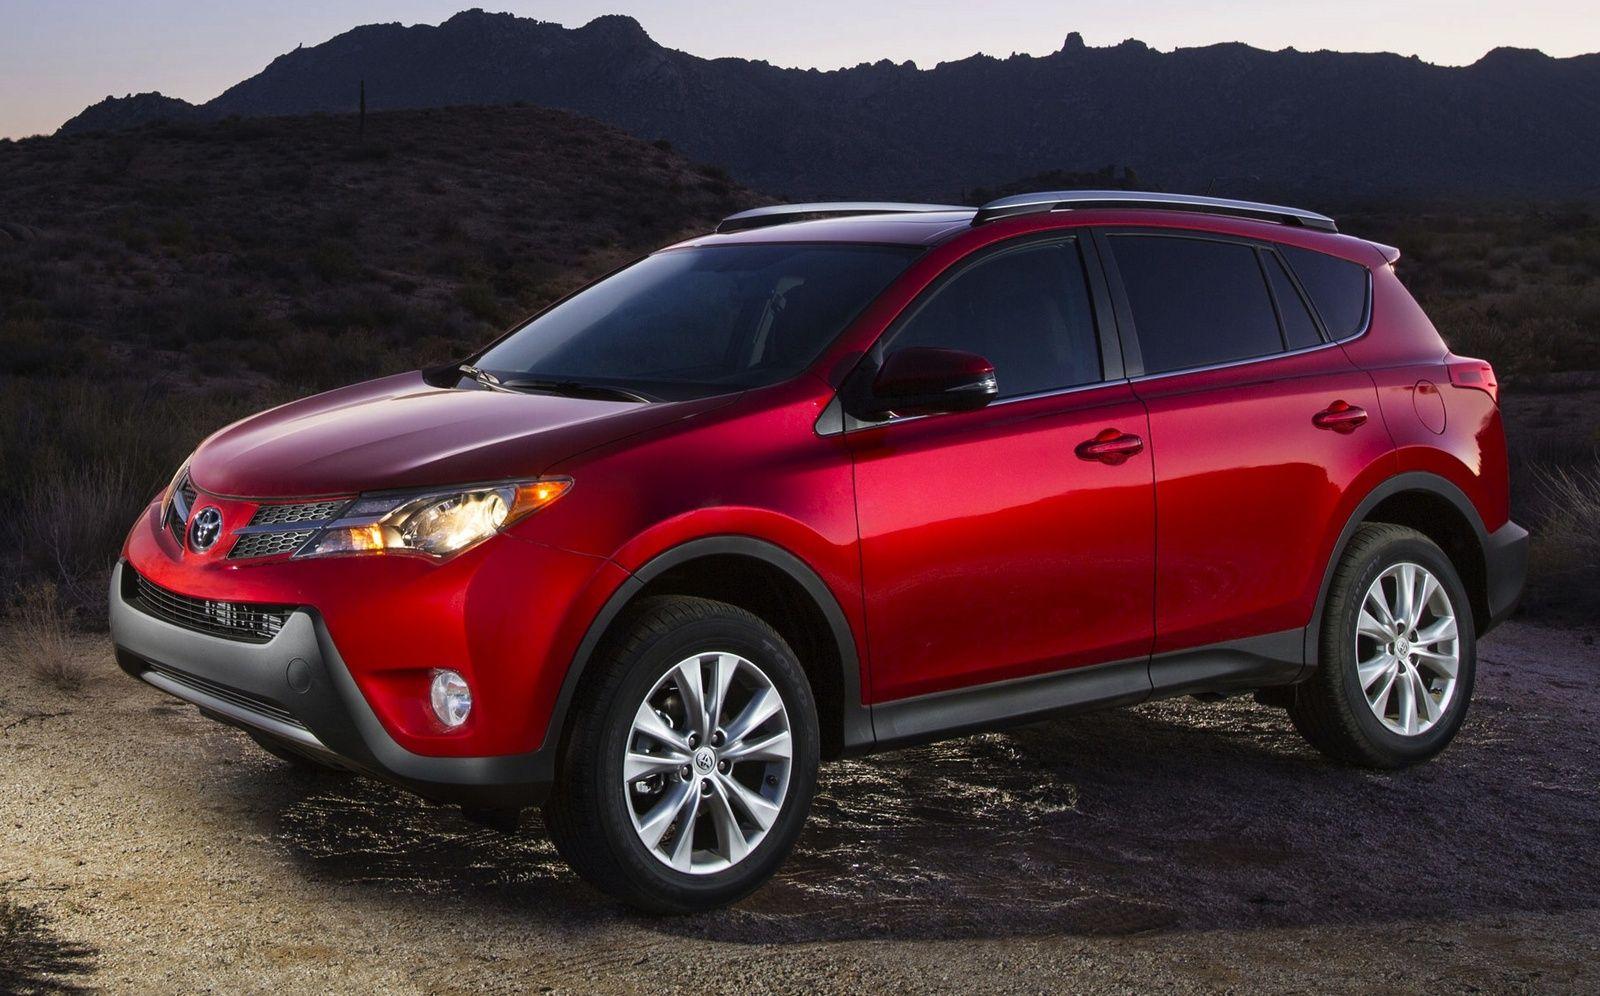 New 2014 / 2015 Toyota RAV4 For Sale CarGurus Best